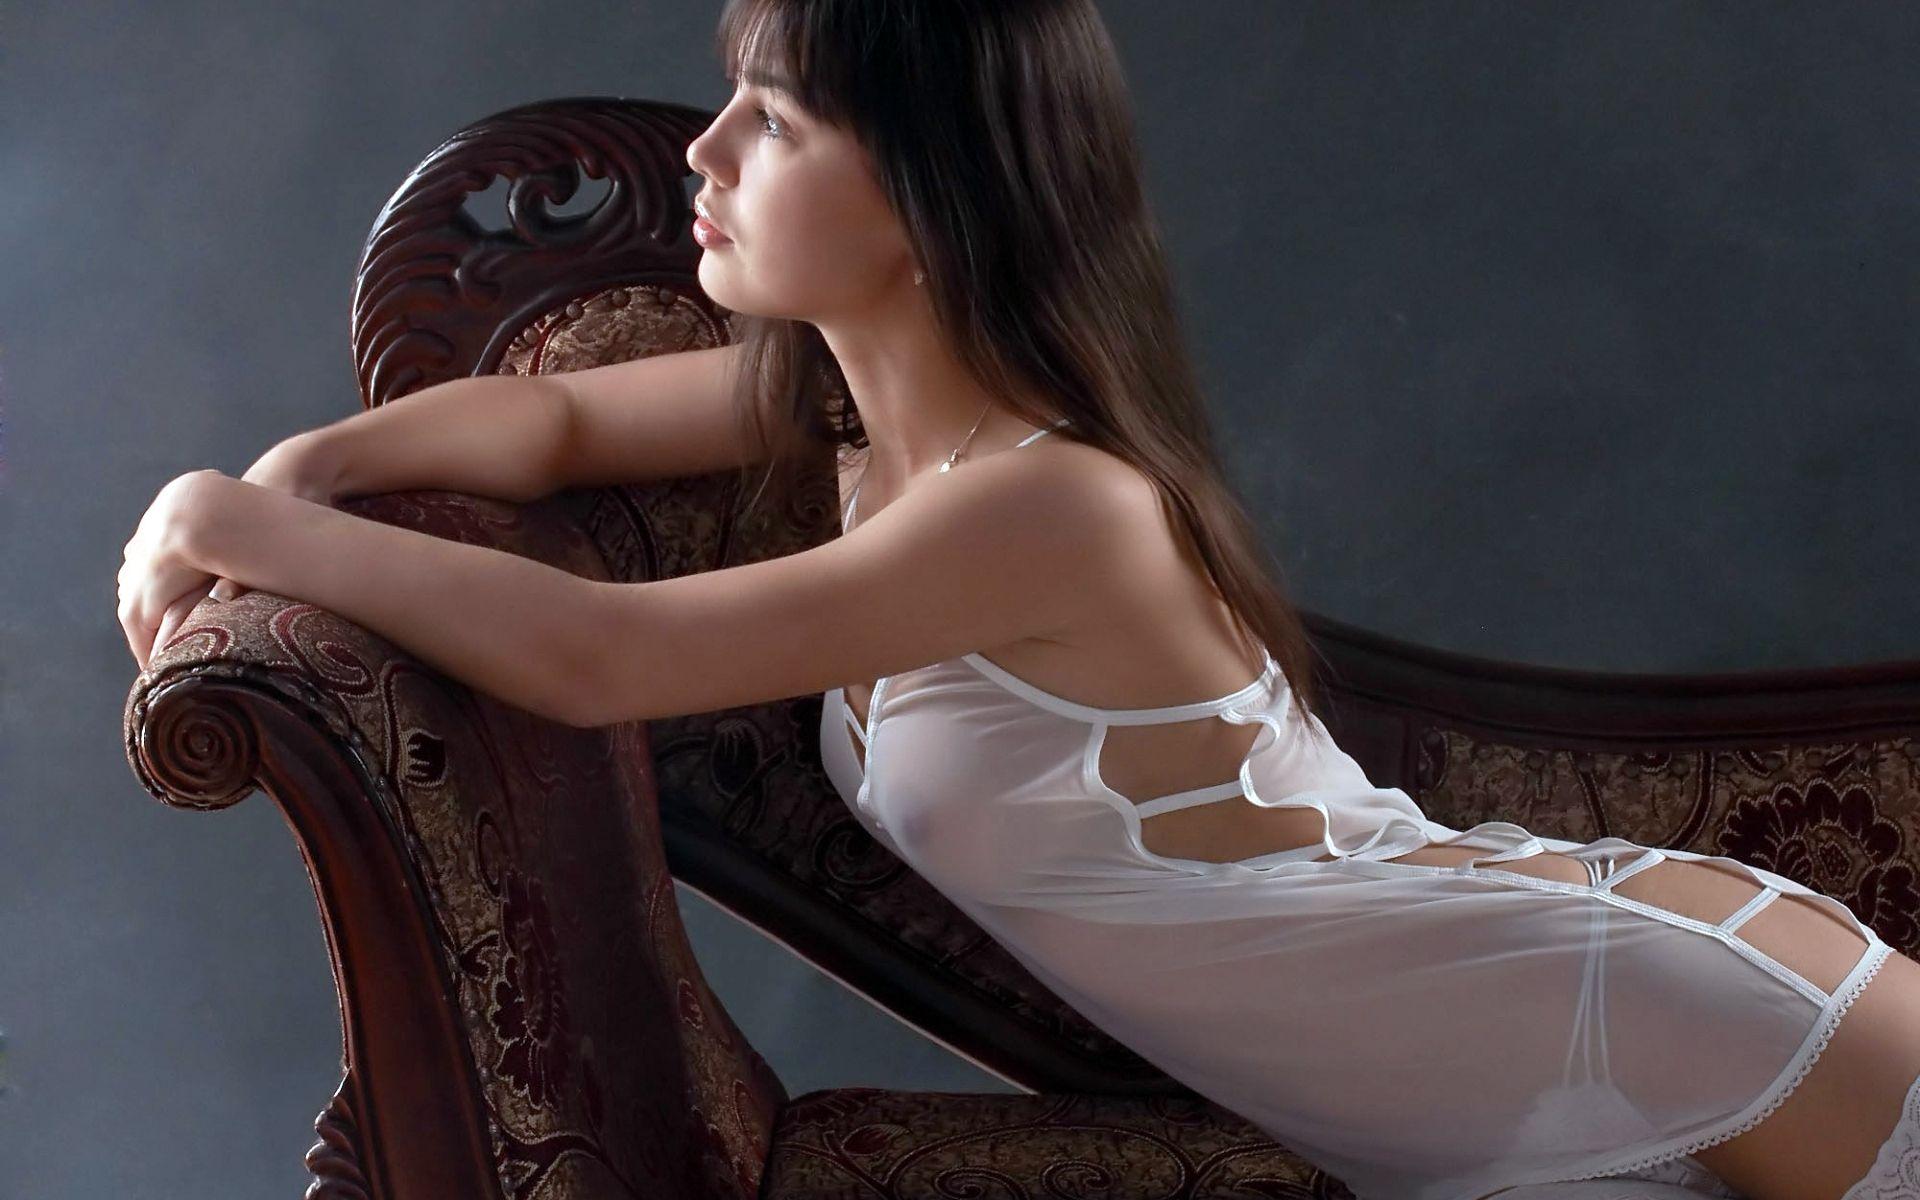 Фото женщин в прозрачных белых трусиках, Прозрачные трусики девушек порно фото 7 фотография